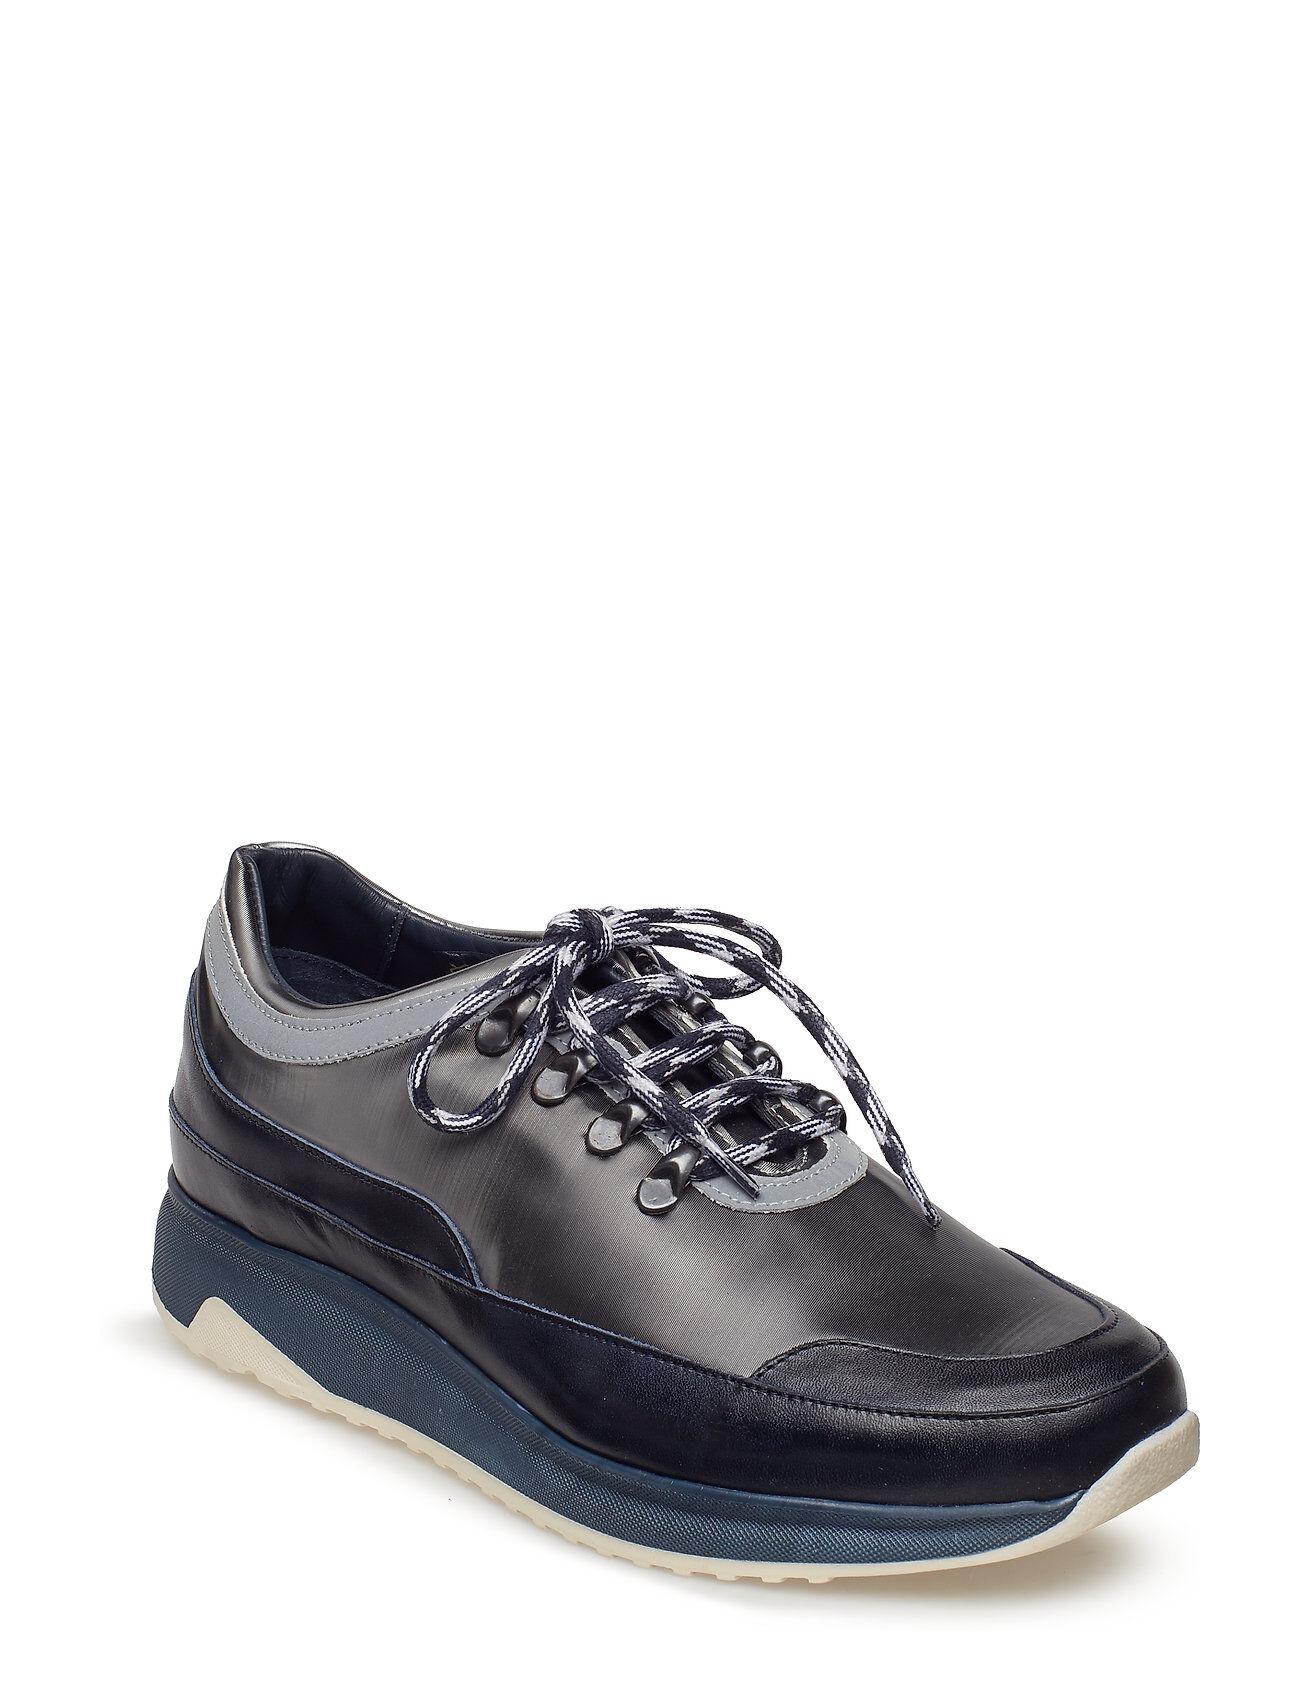 Samsøe & Samsøe Kota Sneakers 10547 Matalavartiset Sneakerit Tennarit Musta Samsøe & Samsøe